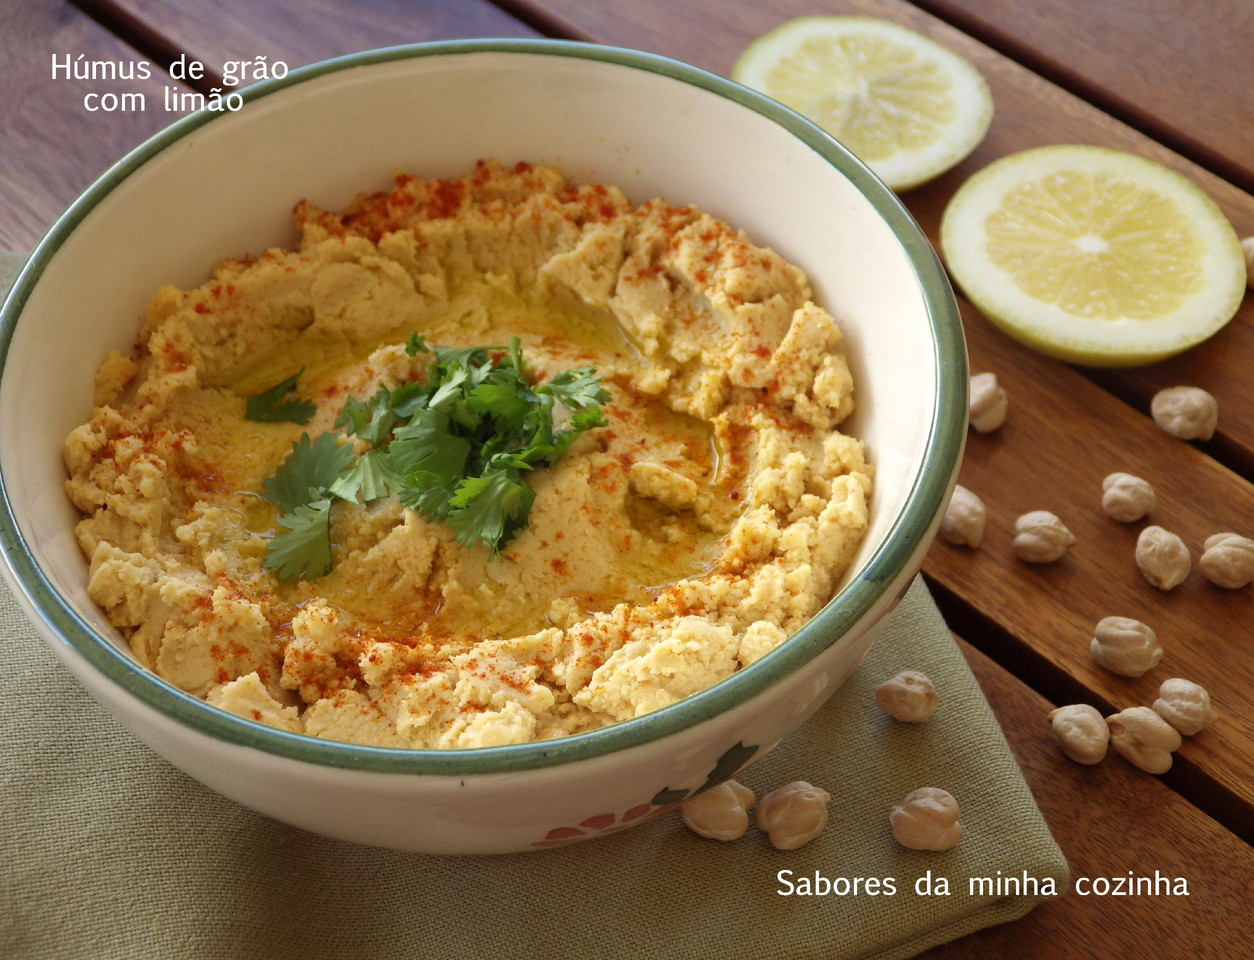 IMGP6375-Húmus de grão com limão-Blog.JPG